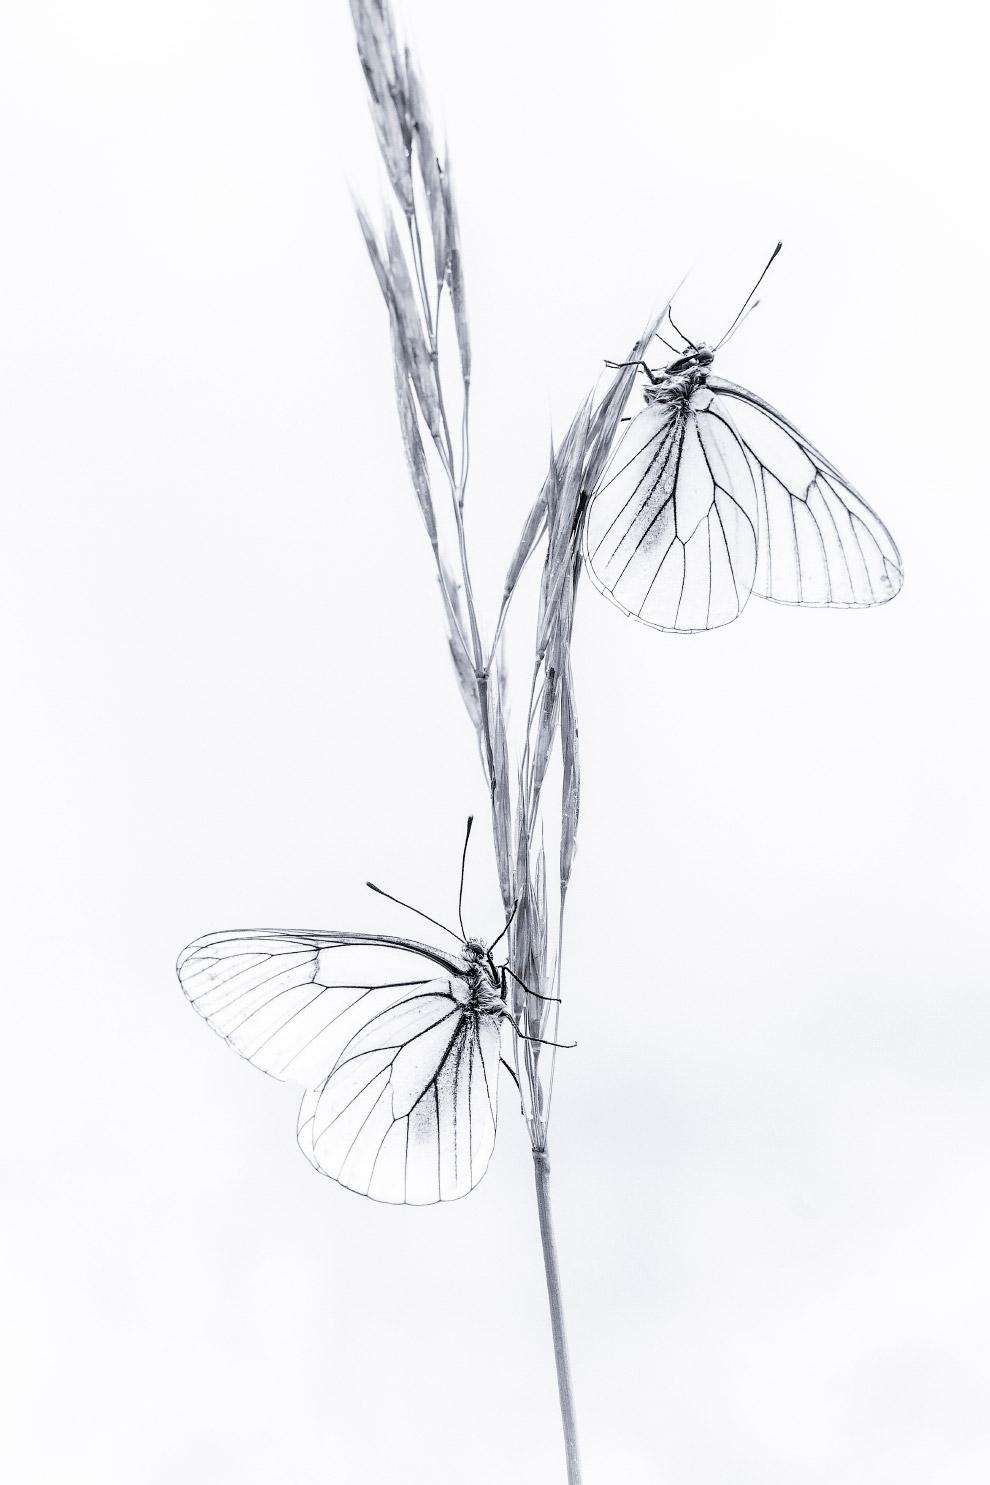 Денна метелик з сімейства білявок